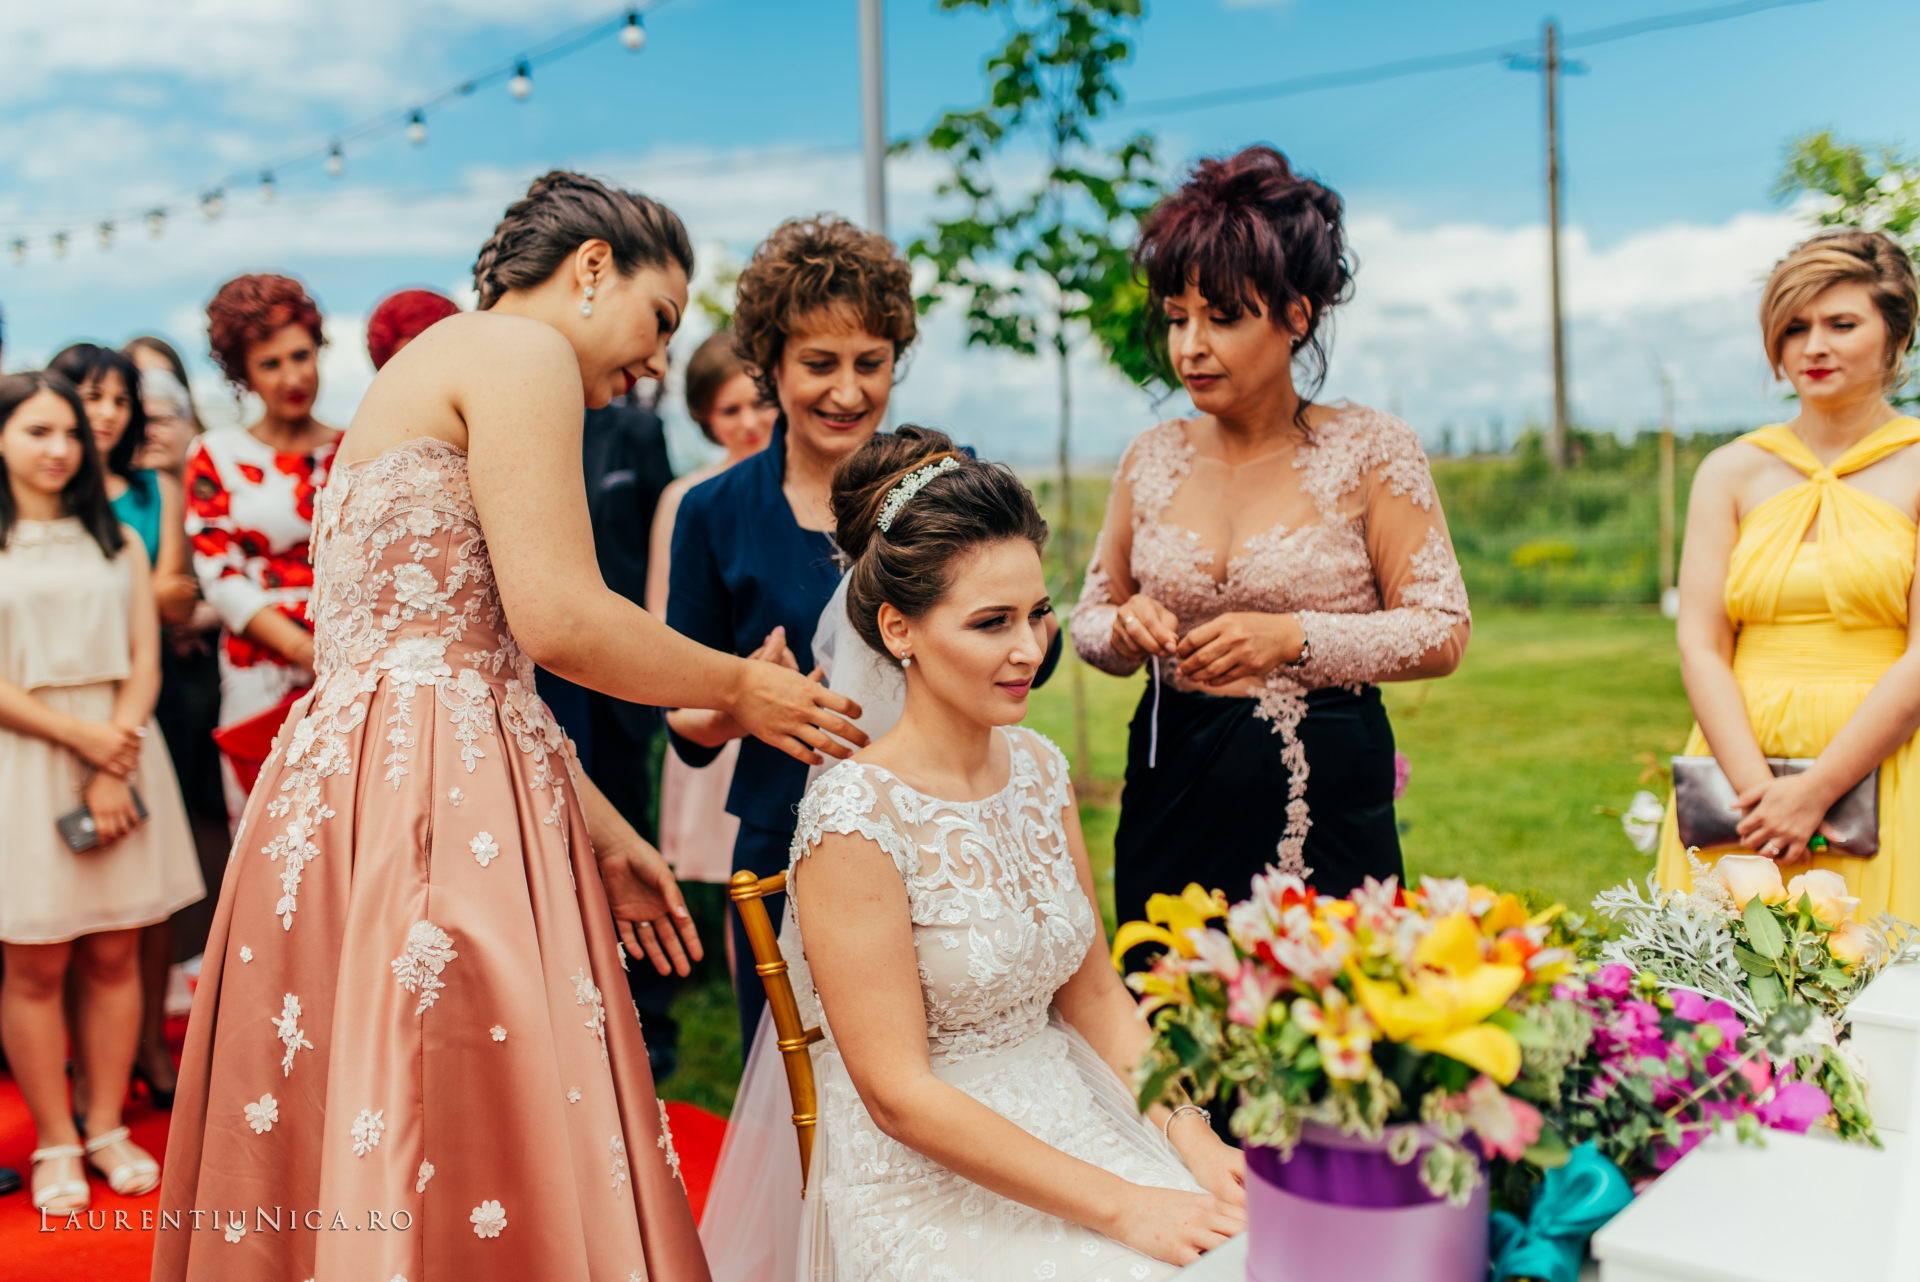 denisa si catalin fotograf nunta laurentiu nica craiova 31 - Denisa si Catalin | Fotografii nunta | Craiova